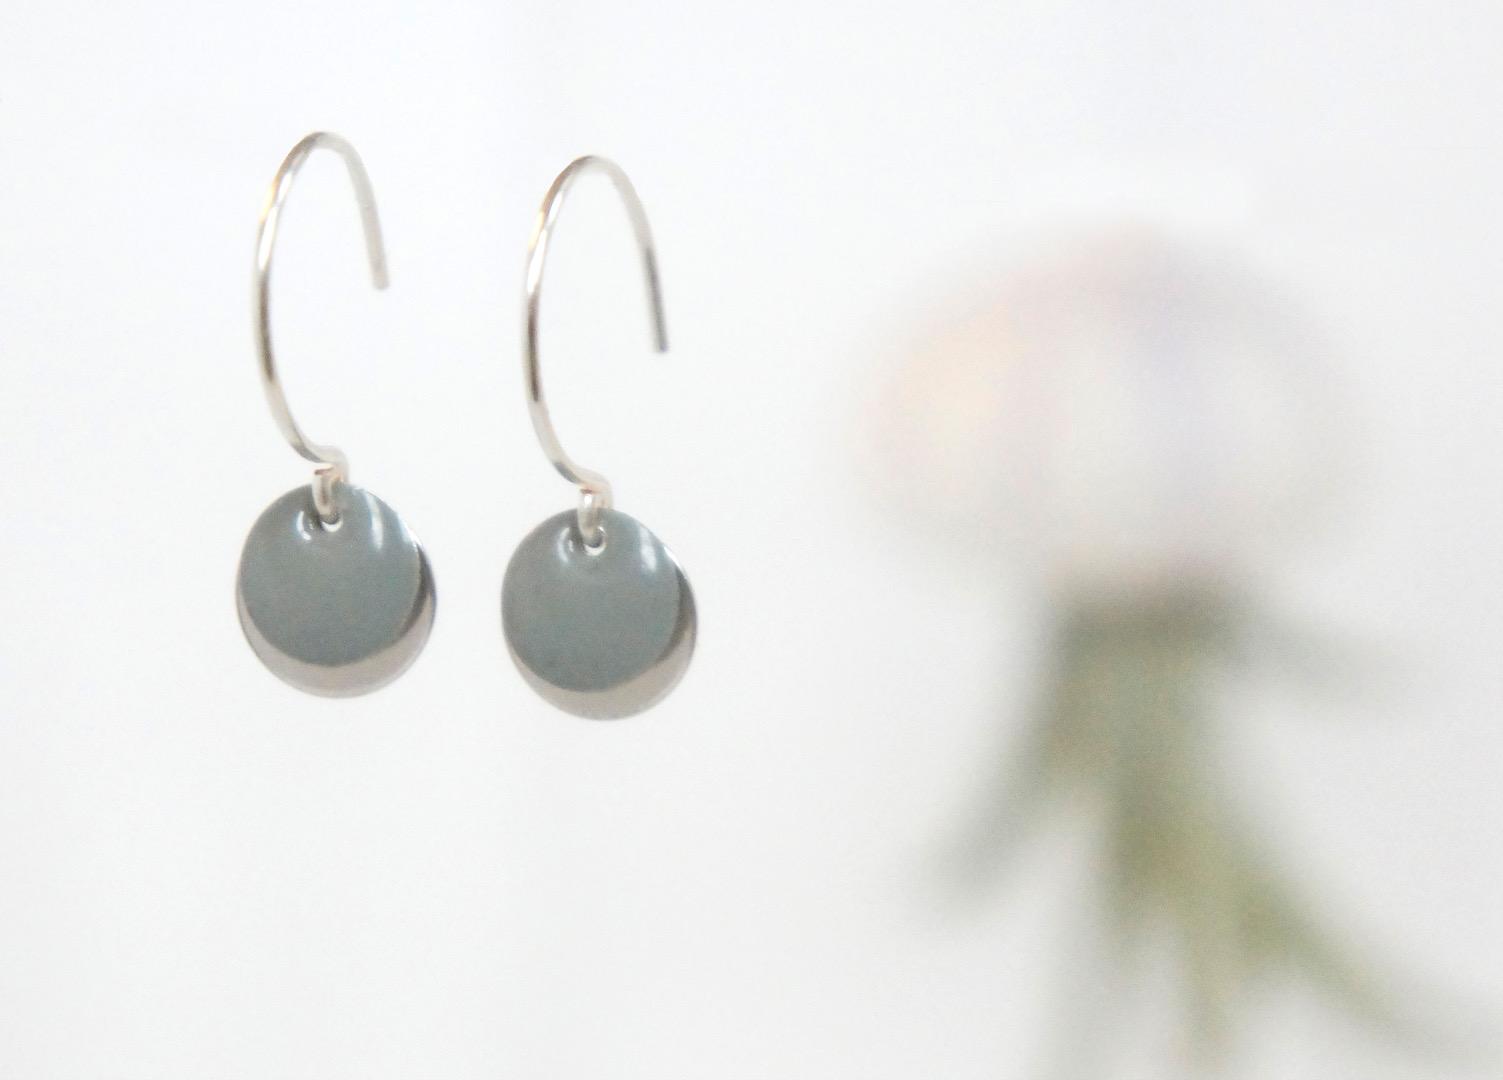 Ohrringe Sterling silber mit Emailleplättchen grau - 1